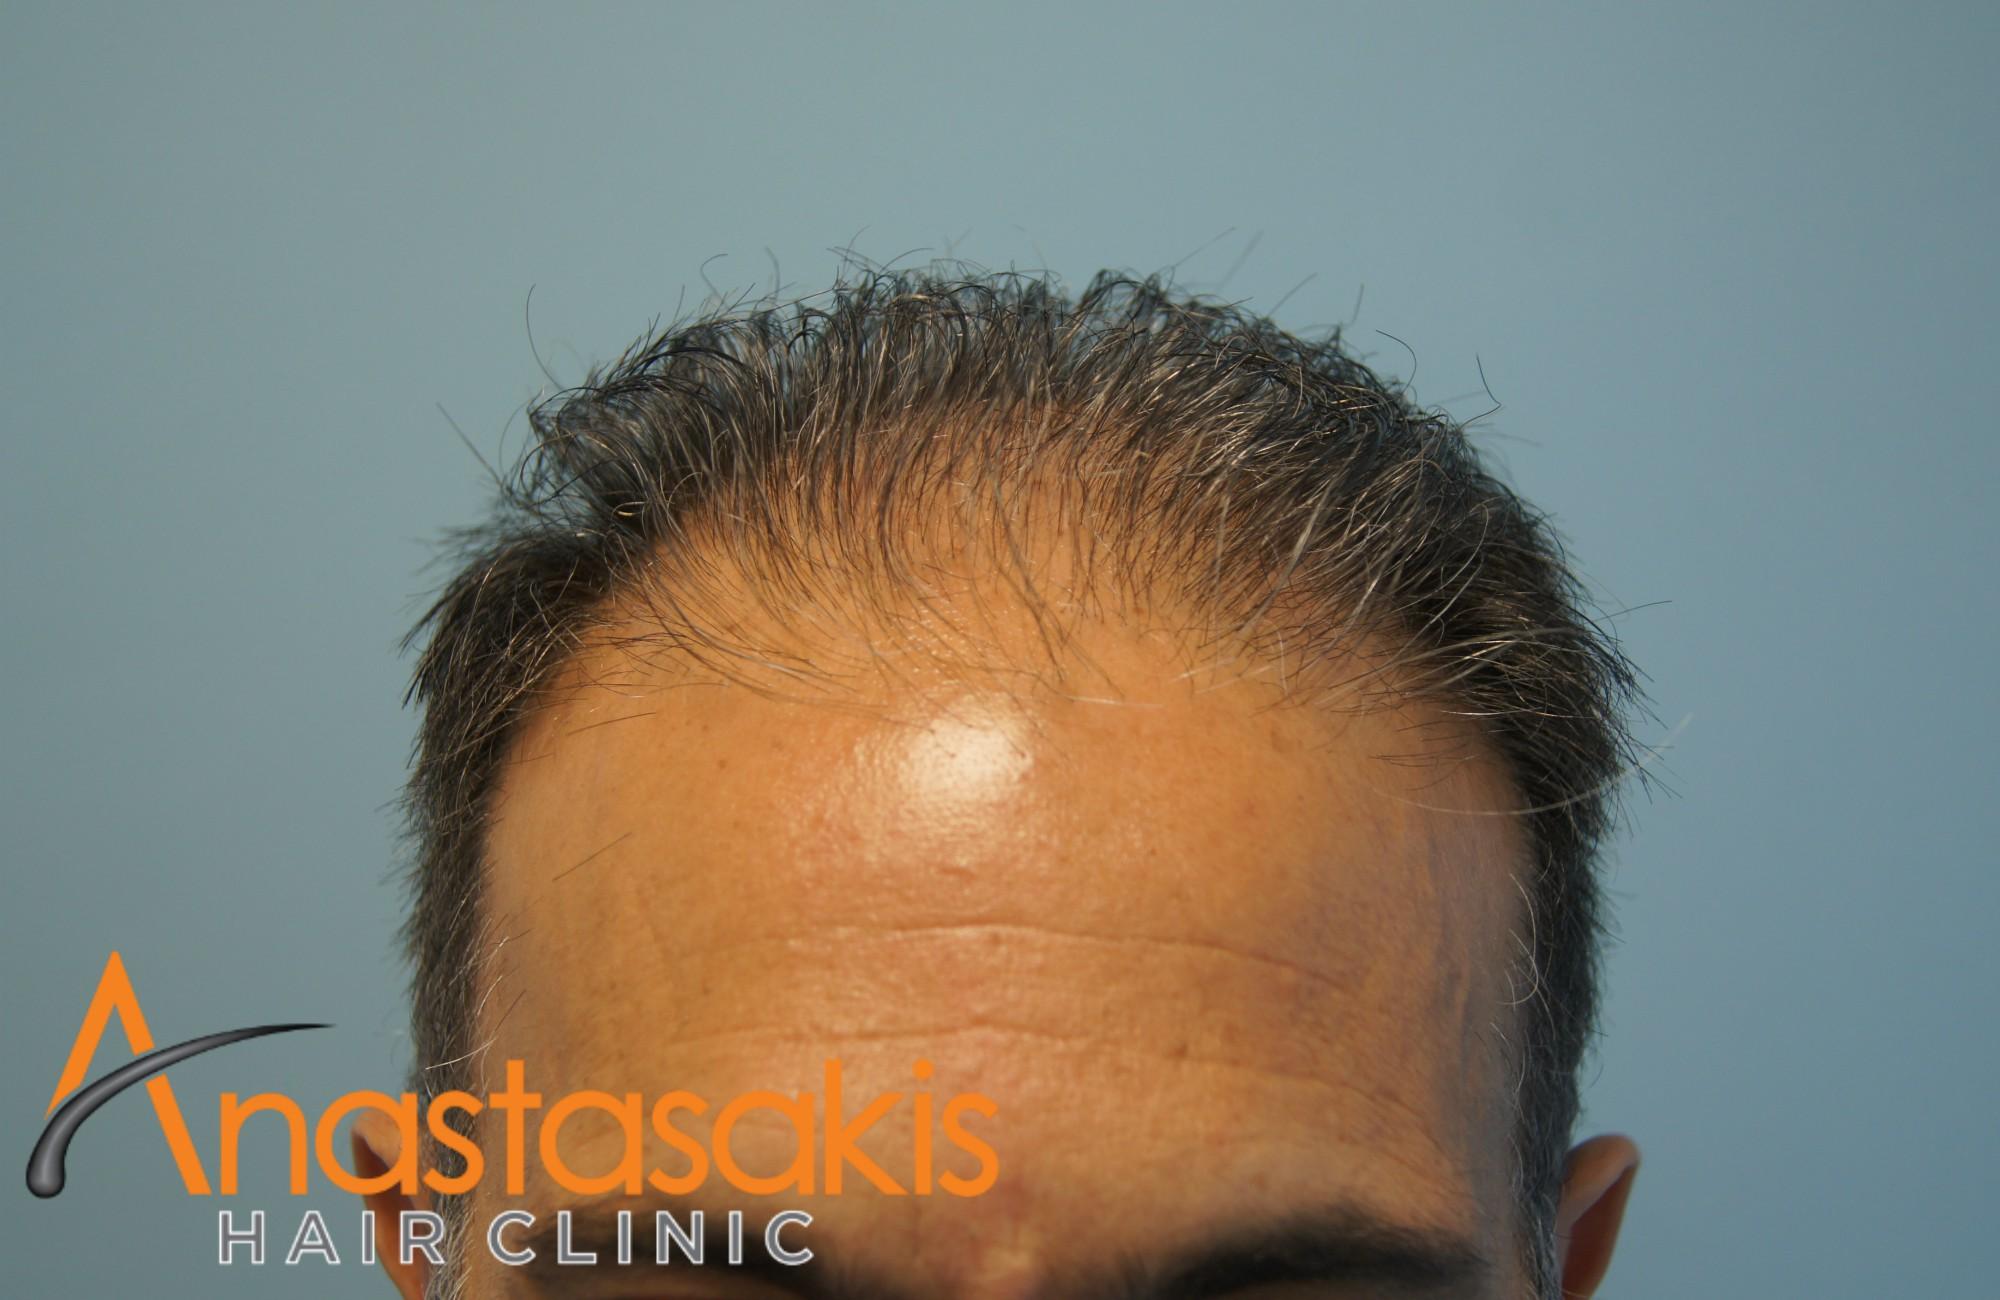 hairline ασθενους πριν τη μεταμοσχευση μαλλιων με 3000 fus